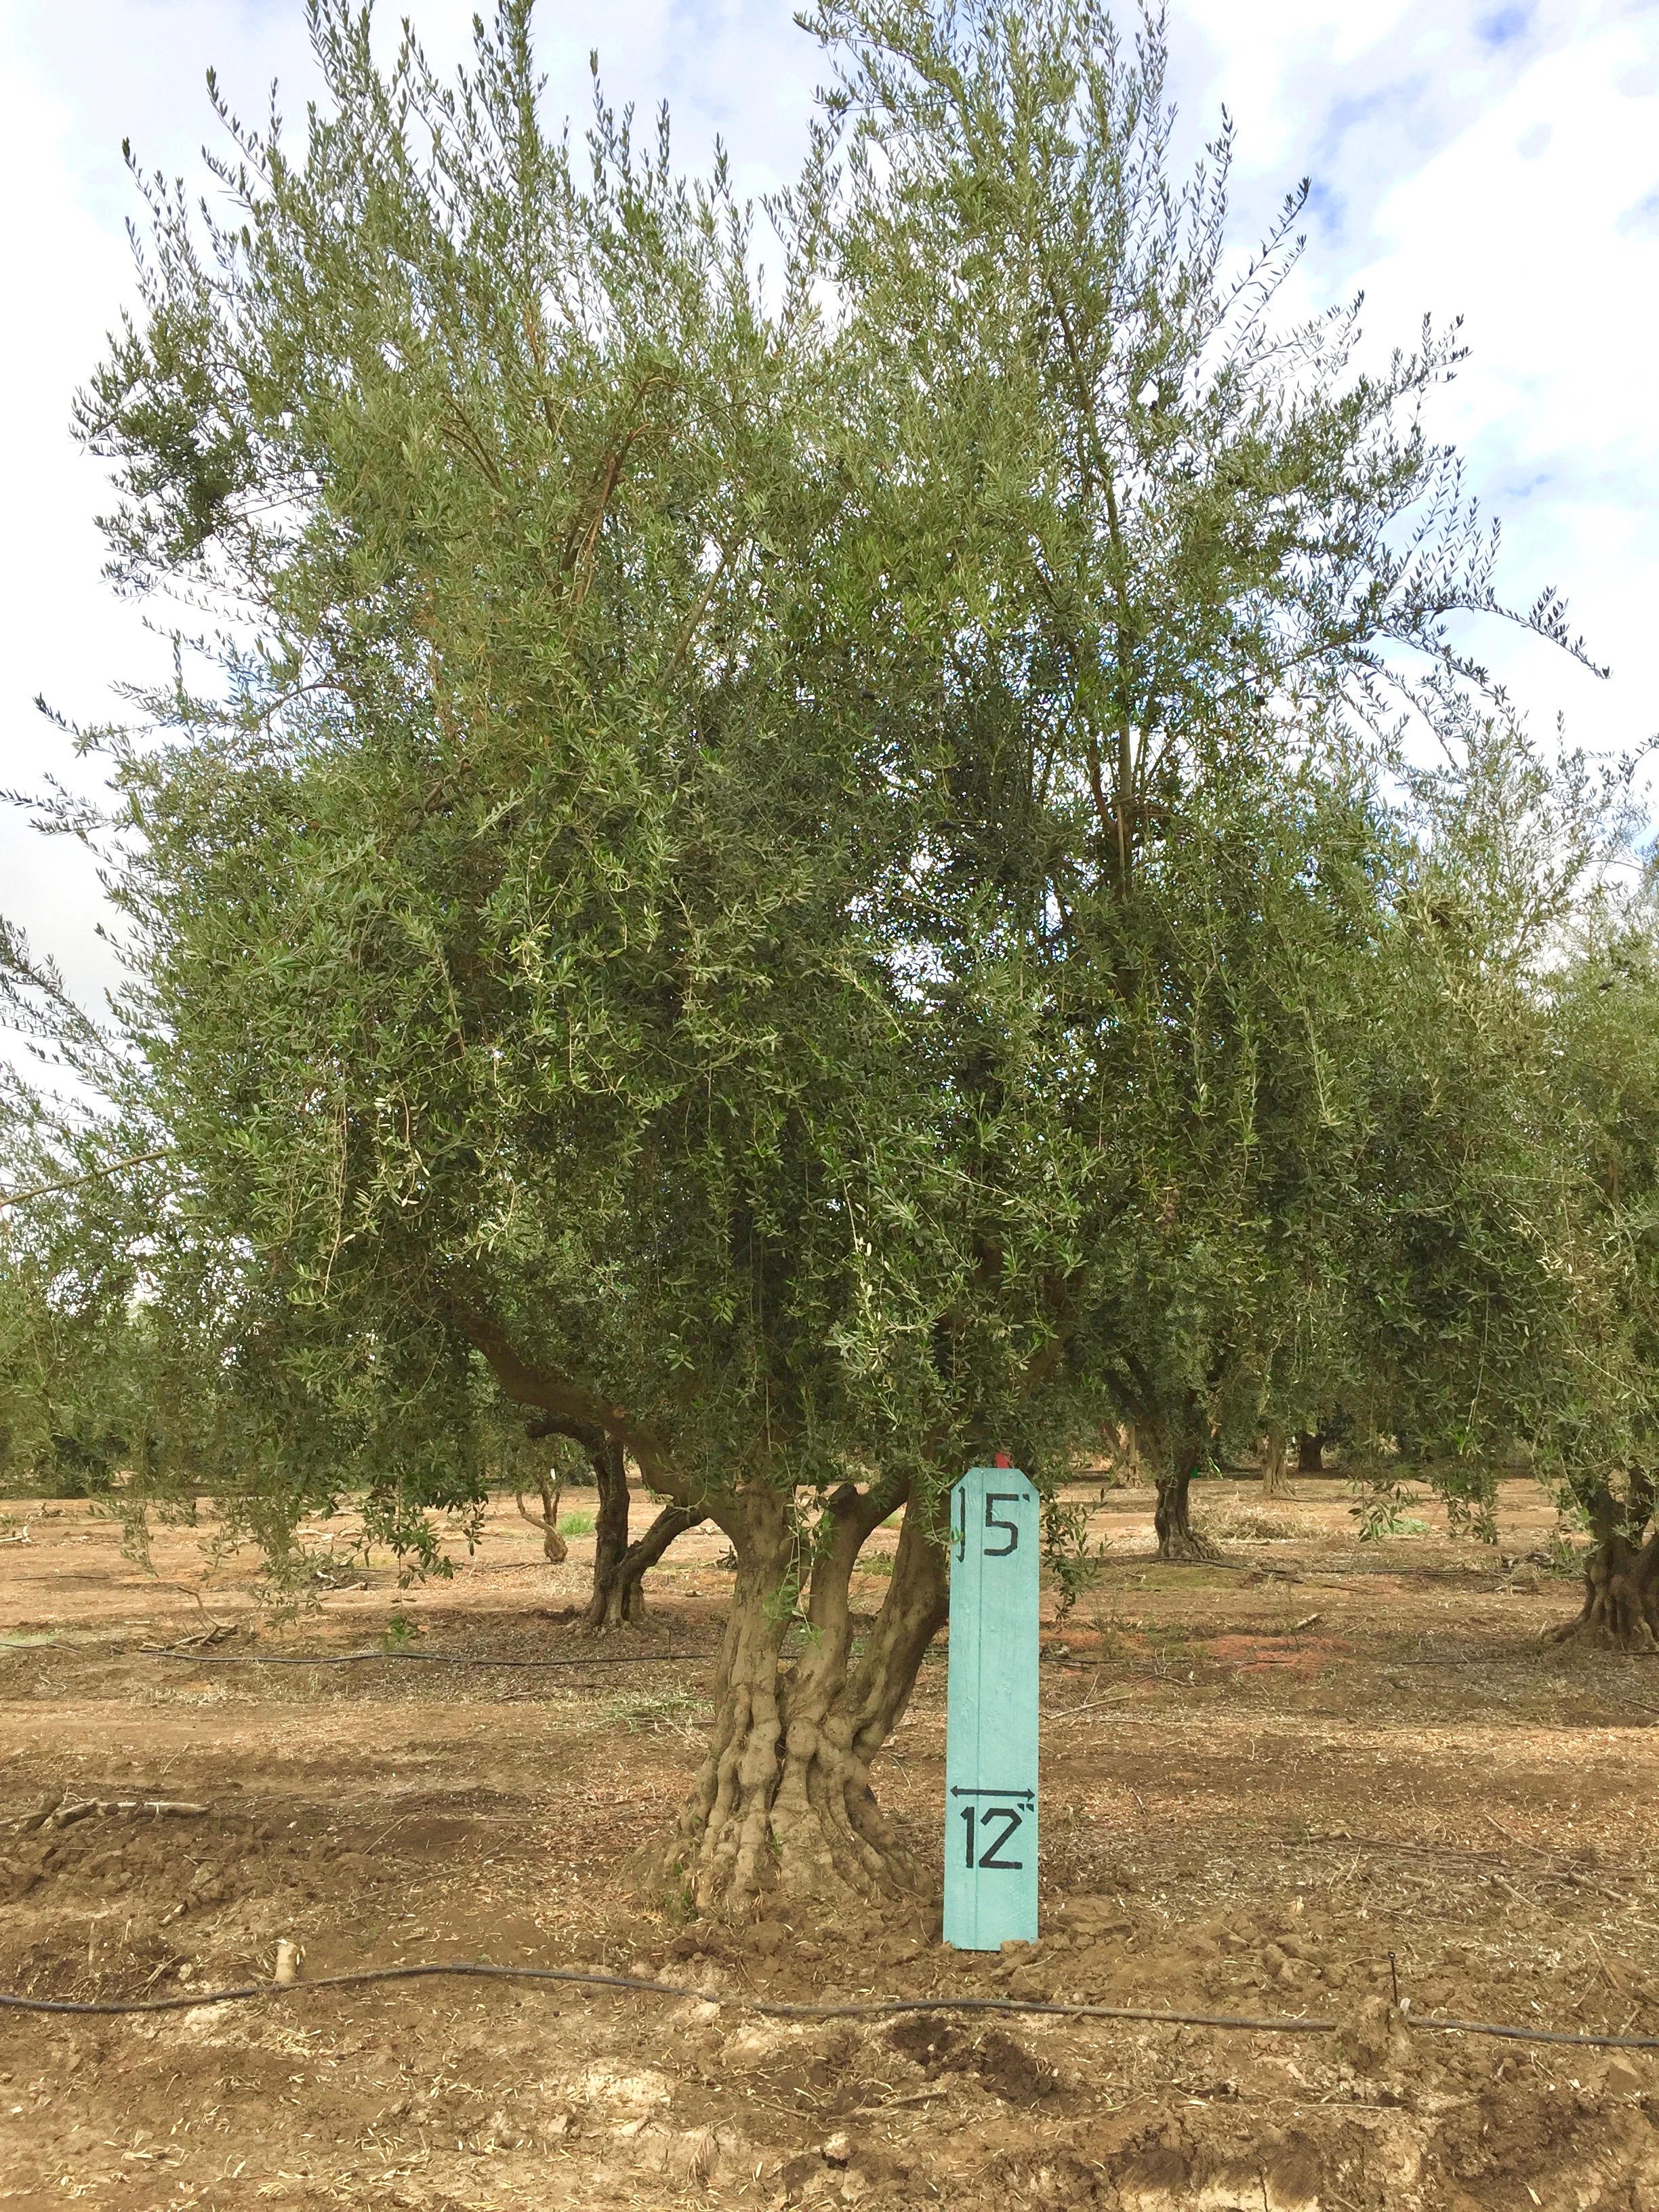 XLarge Olive Tree Image 2